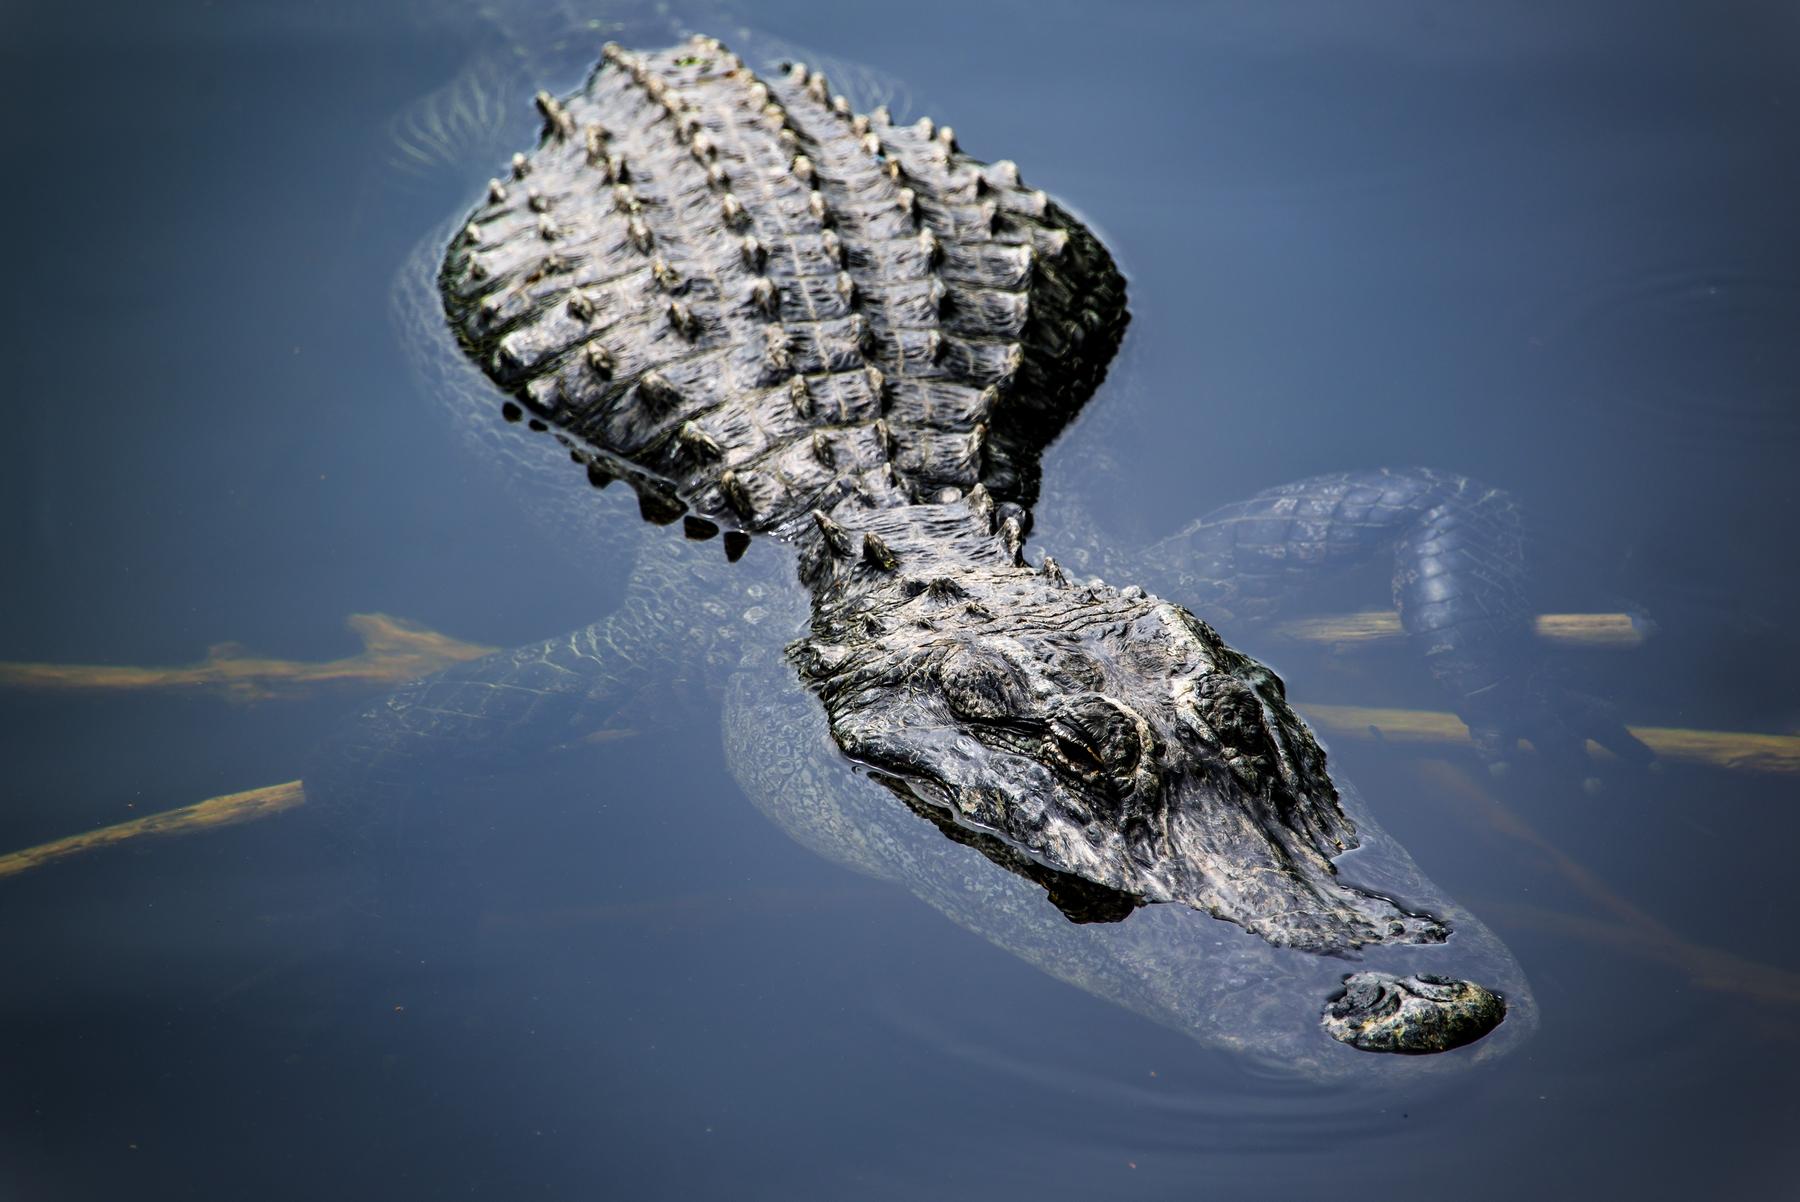 alligator outdoor activities in Florida